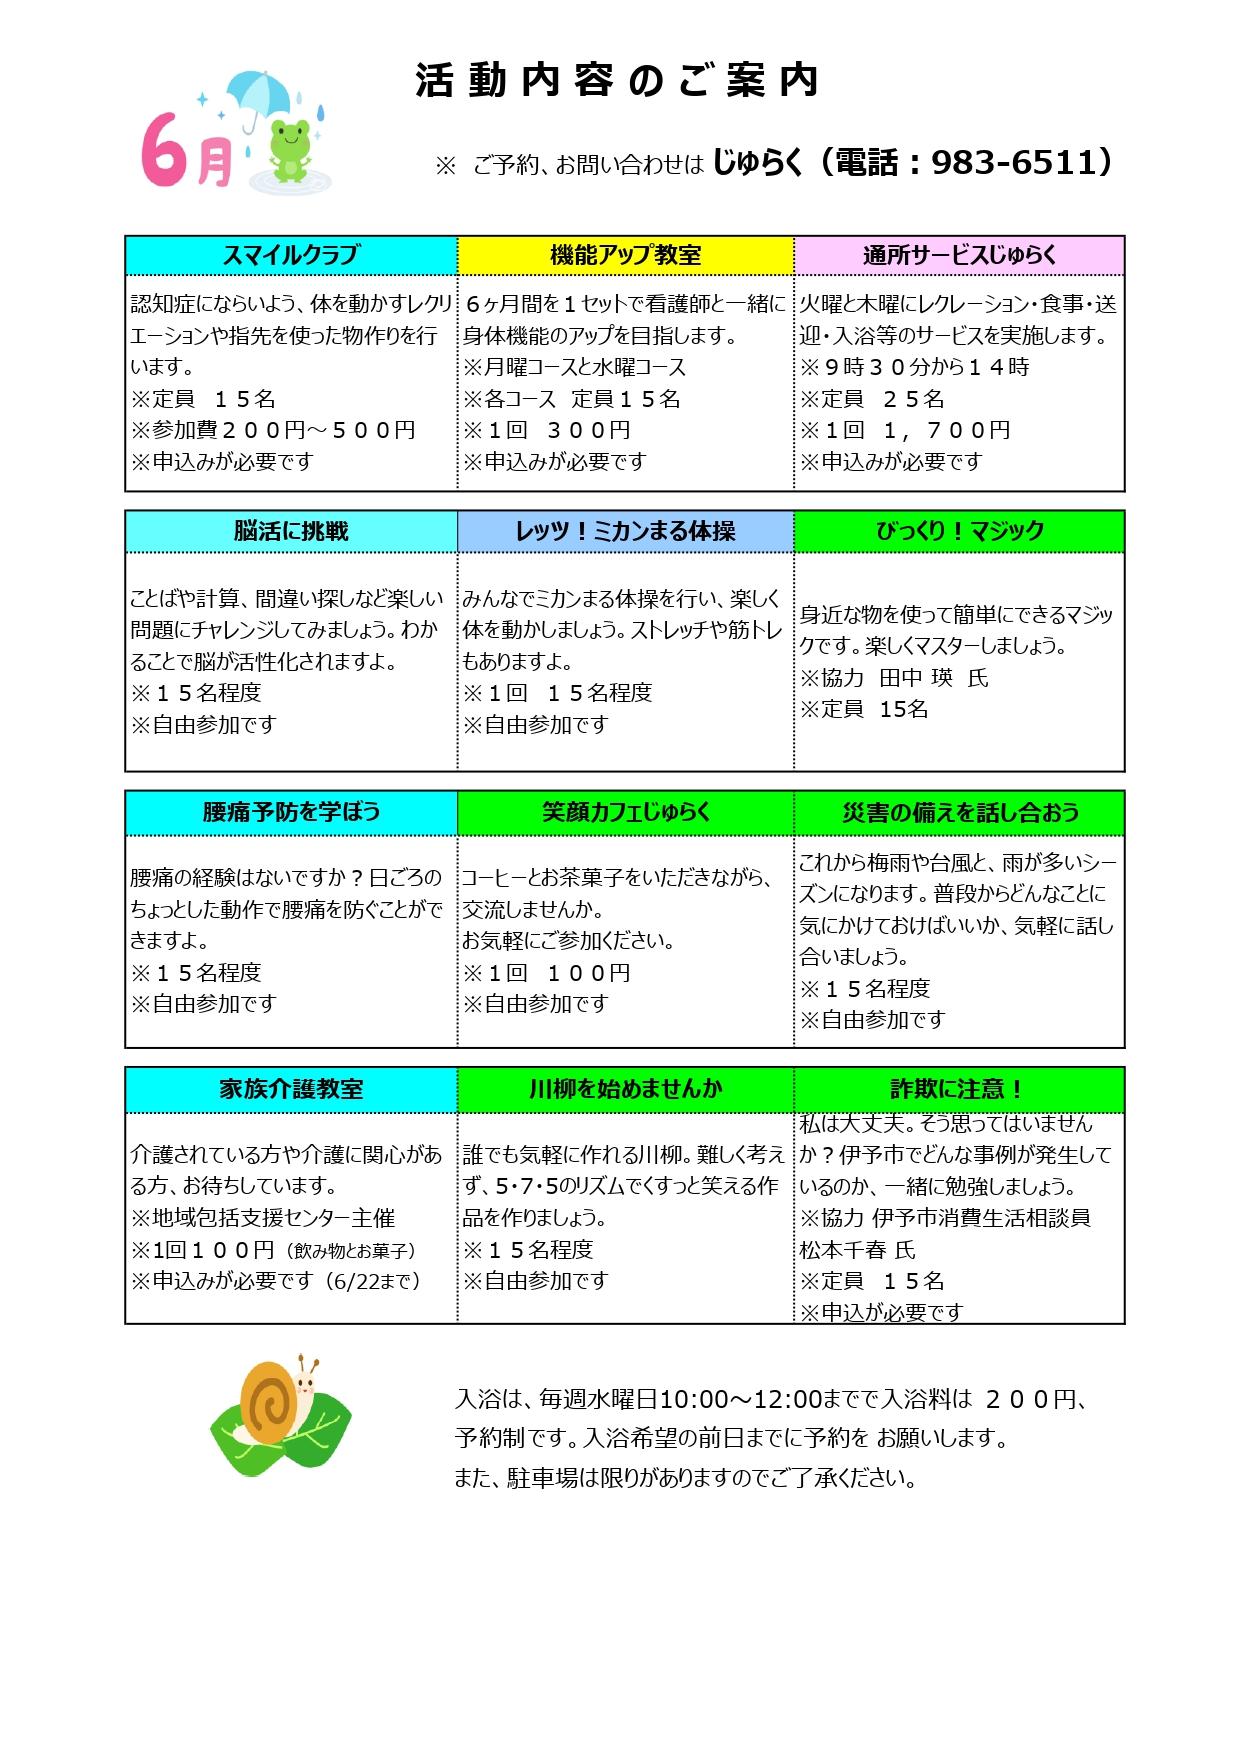 じゅらく両面_page-0002